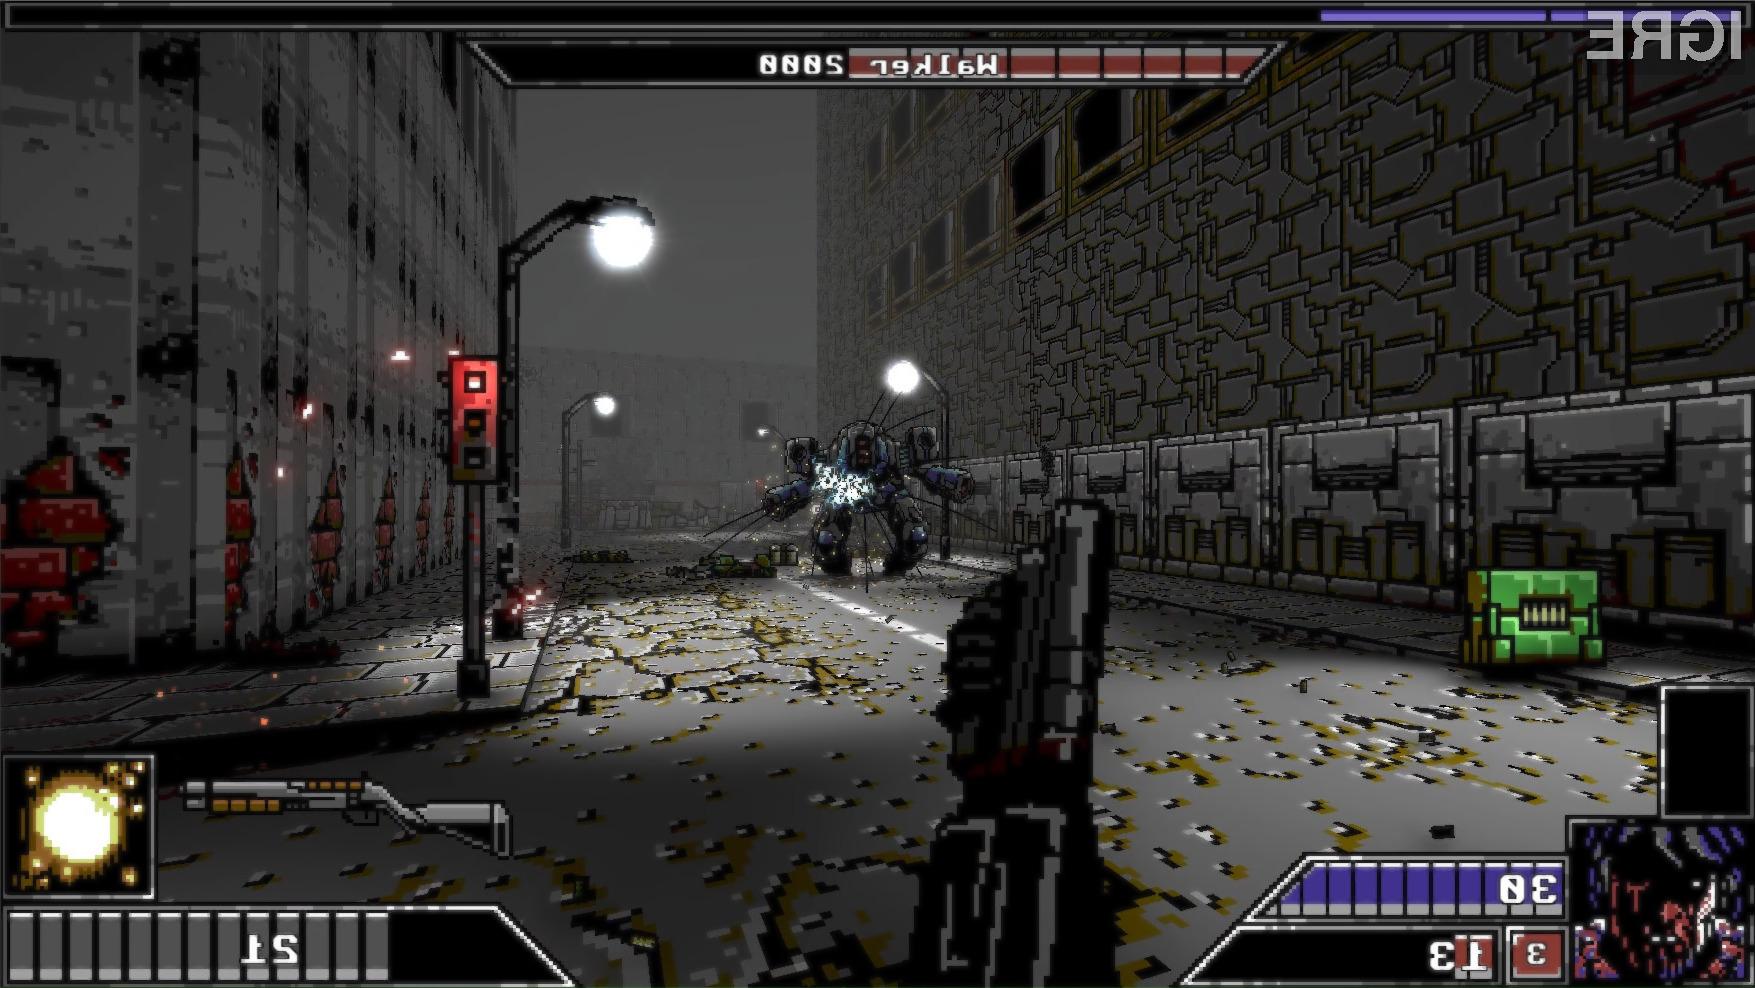 PC različica igre se na platformi Steam ponaša z oceno 9/10.